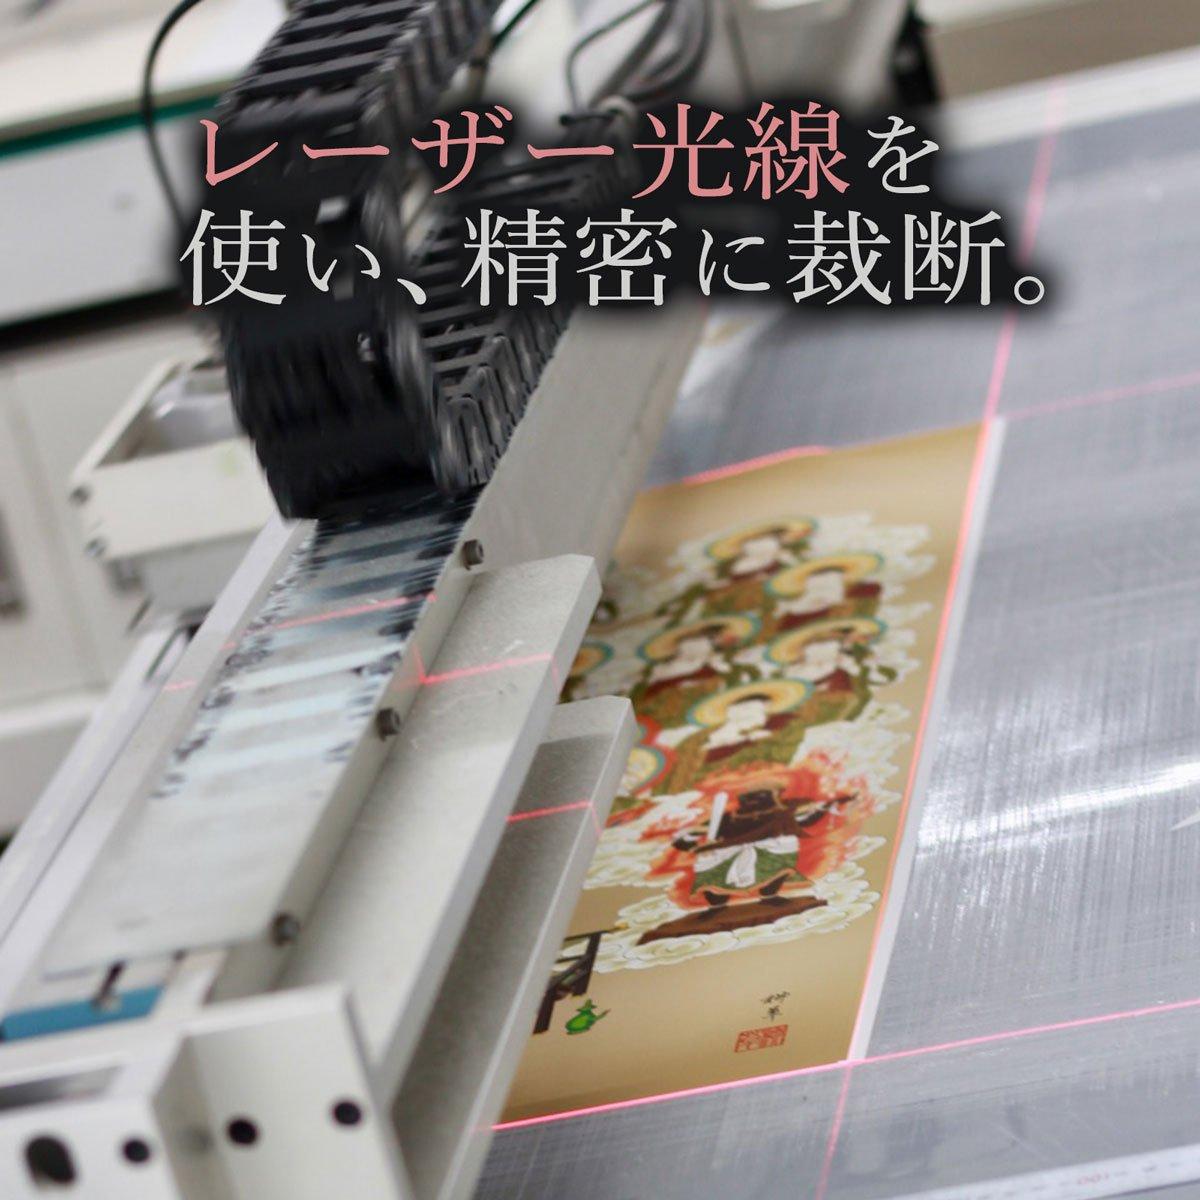 日本画 仏画 聖観音(しょうかんのん) 鈴木 翠朋 手彩仕上 高精細巧芸画 Lサイズ